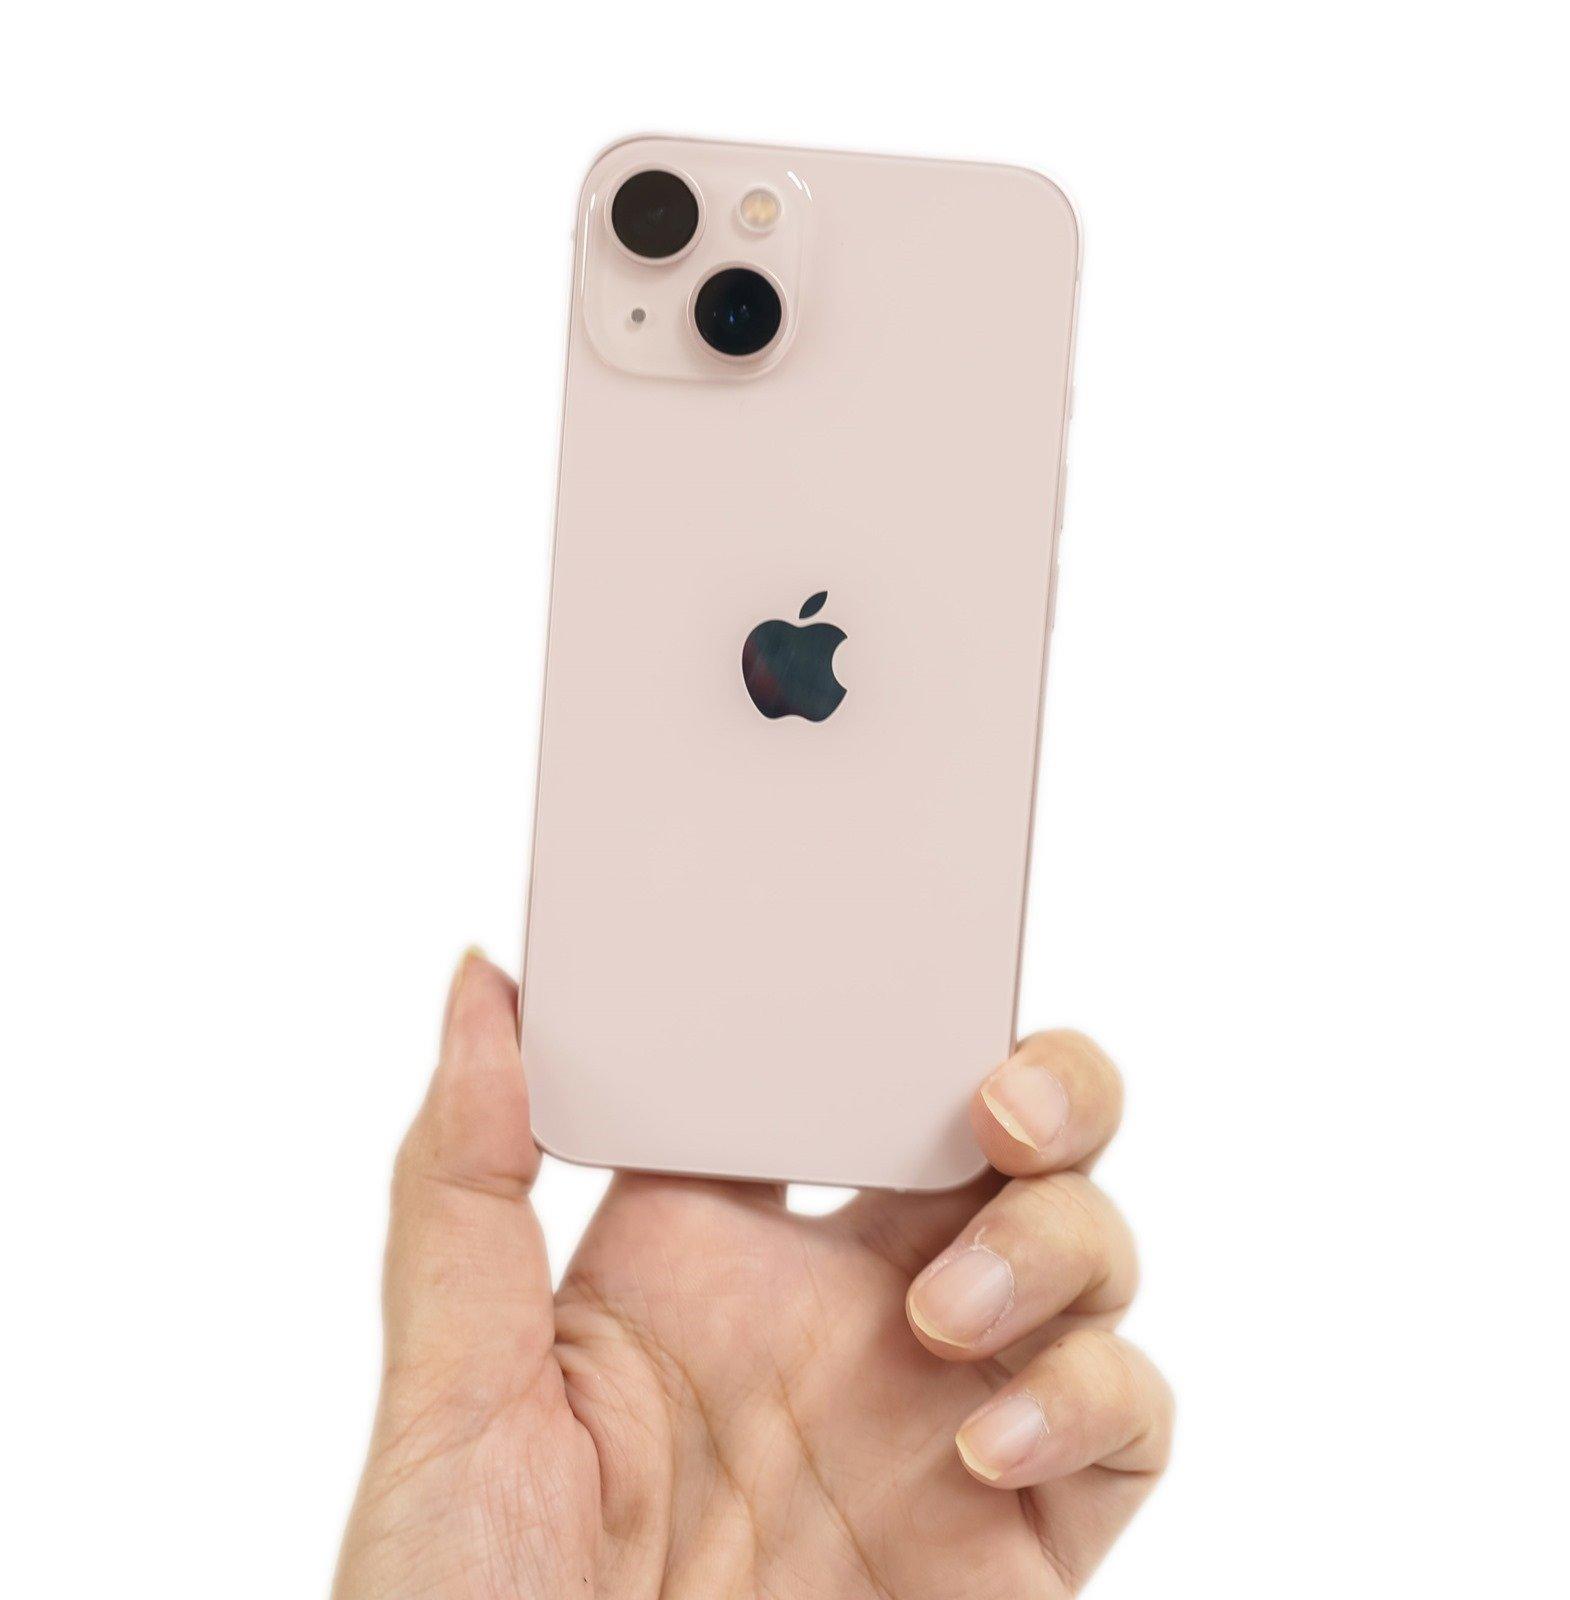 蘋果 iPhone 13 / iPhone 13 Mini 開箱! (粉紅色 / 星光色),看看盒中有什麼?( Apple iPhone 13 / iPhone 13 Mini Unboxing) @3C 達人廖阿輝